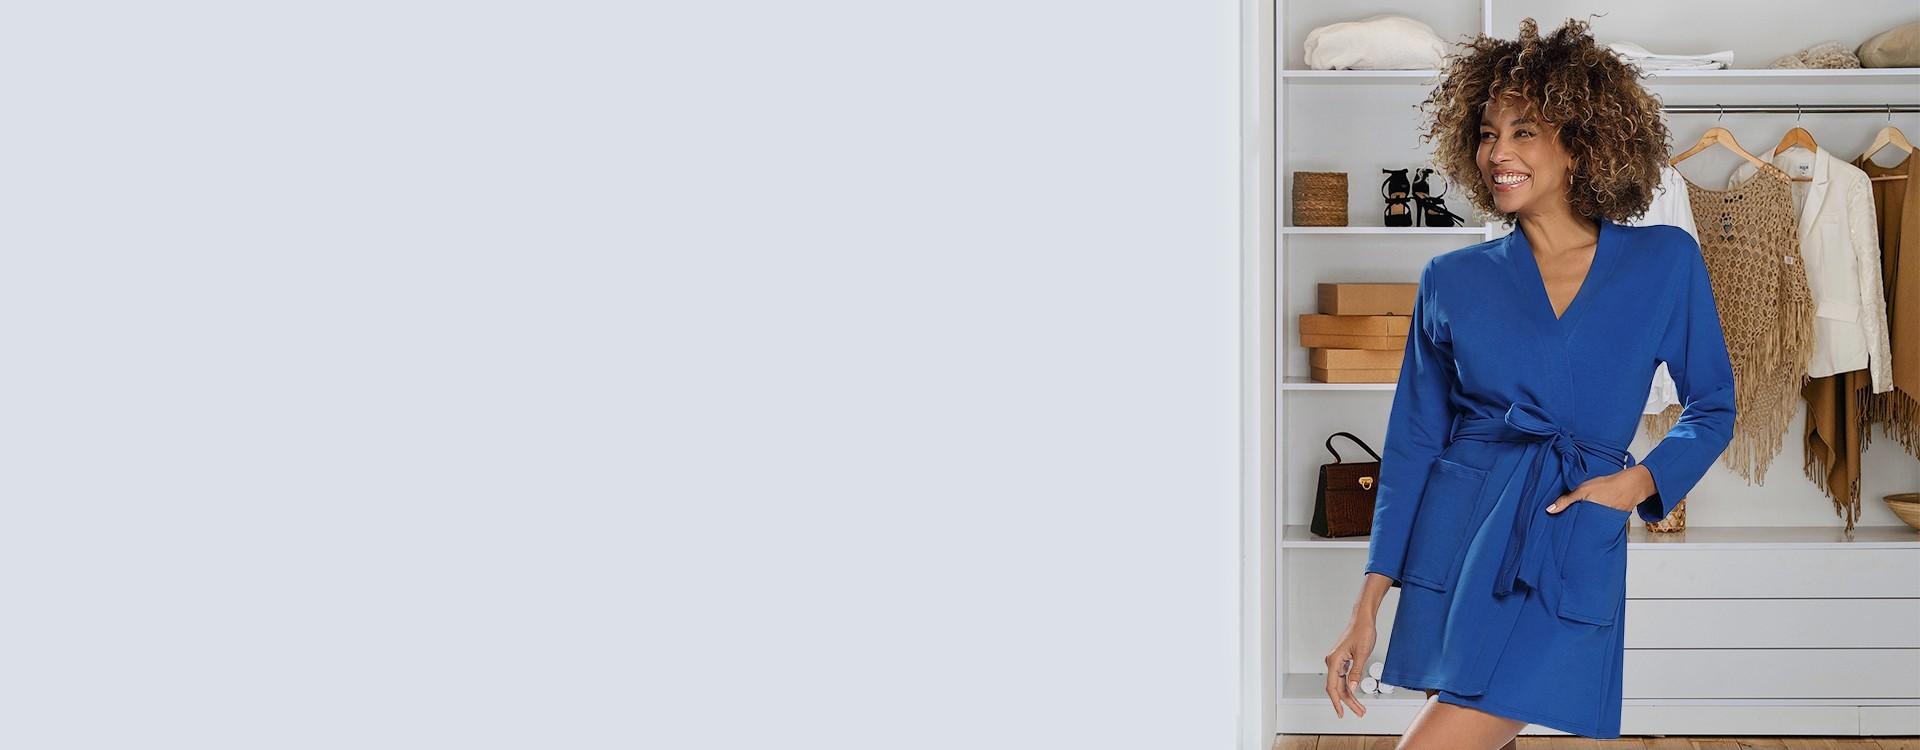 Krótkie szlafroki po domu to kusząca propozycja dla Kobiet. Daj się uwieść szlafroczkom od Dkaren. Modne kwiatowe wzory na satynie.